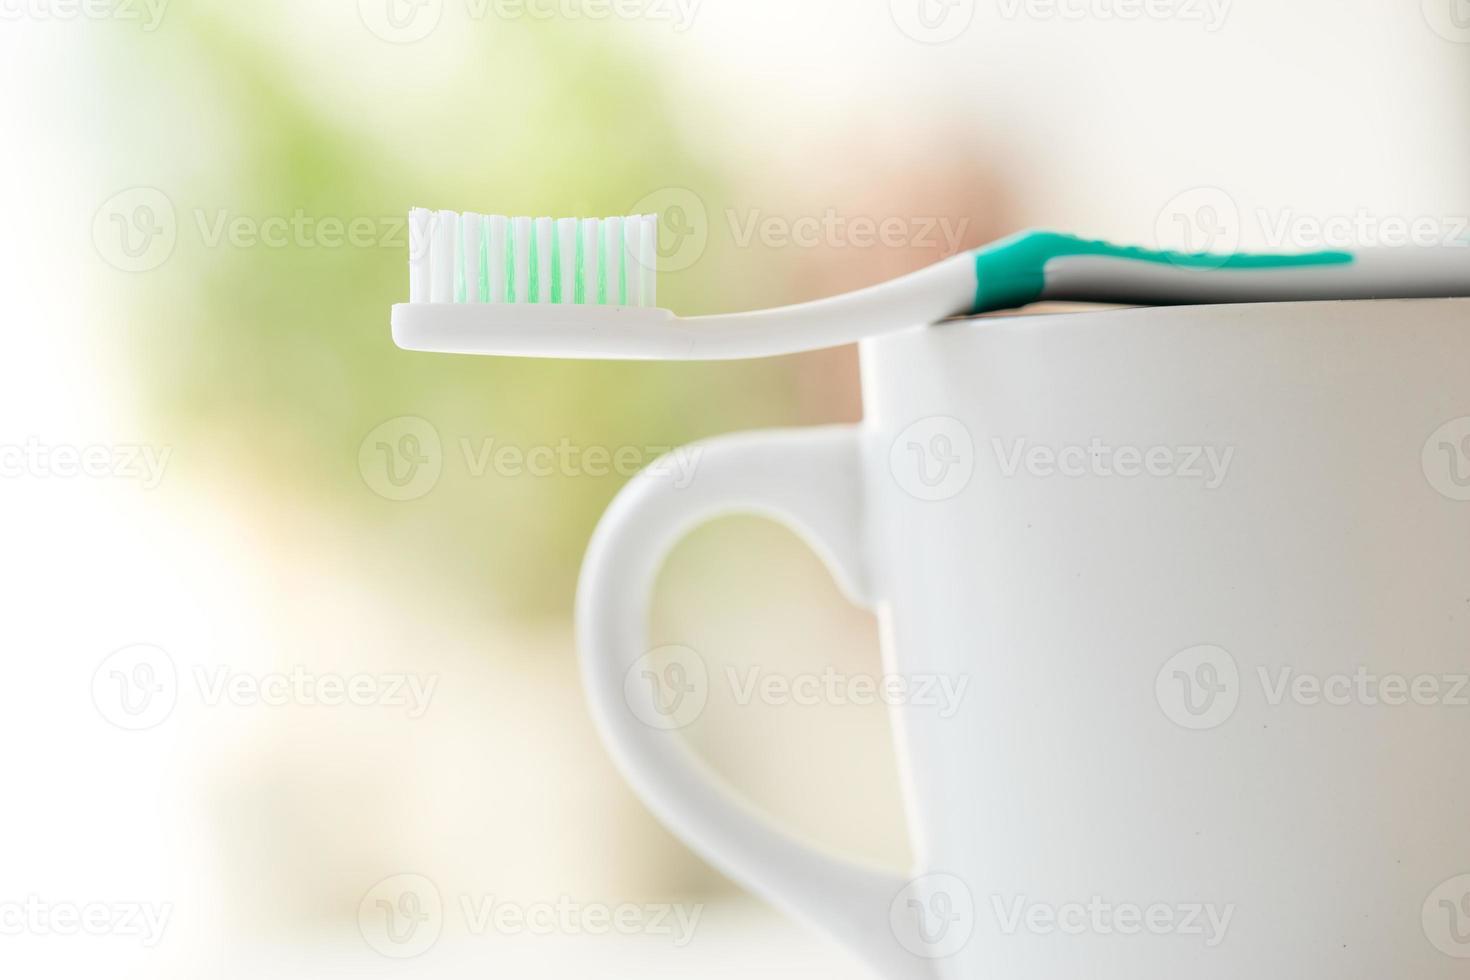 tandenborstelset voor tandheelkundige zorg foto